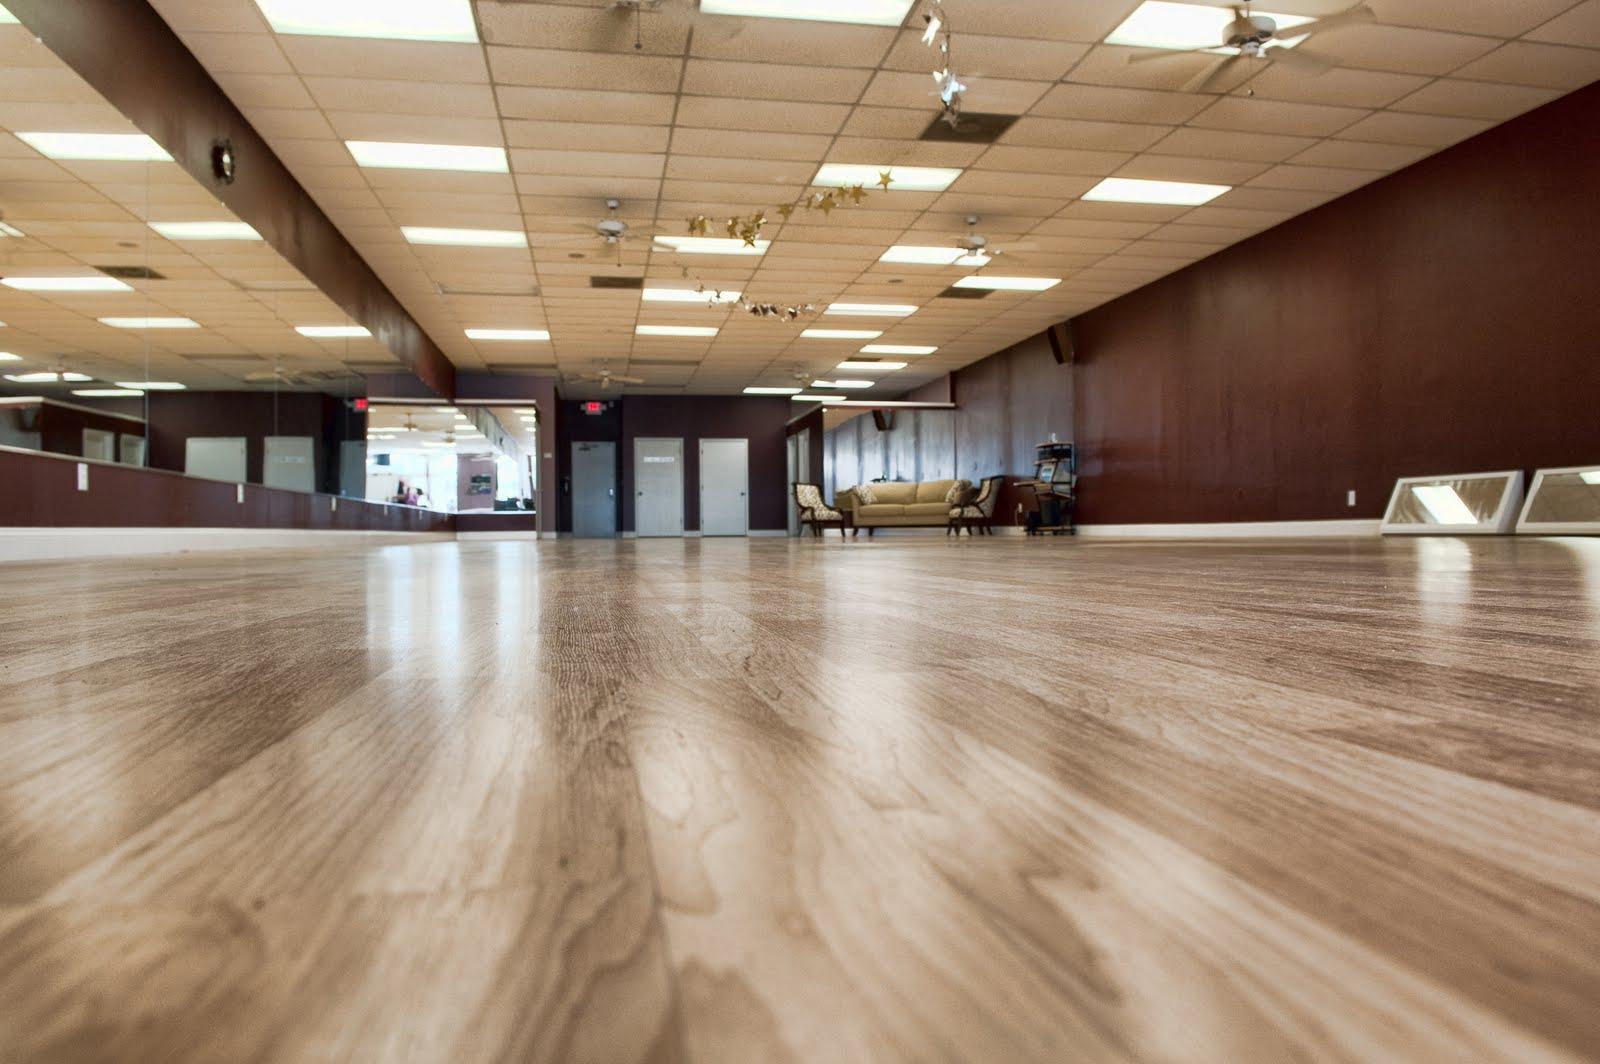 Ballet dancers handrail home improvement for Studio floor